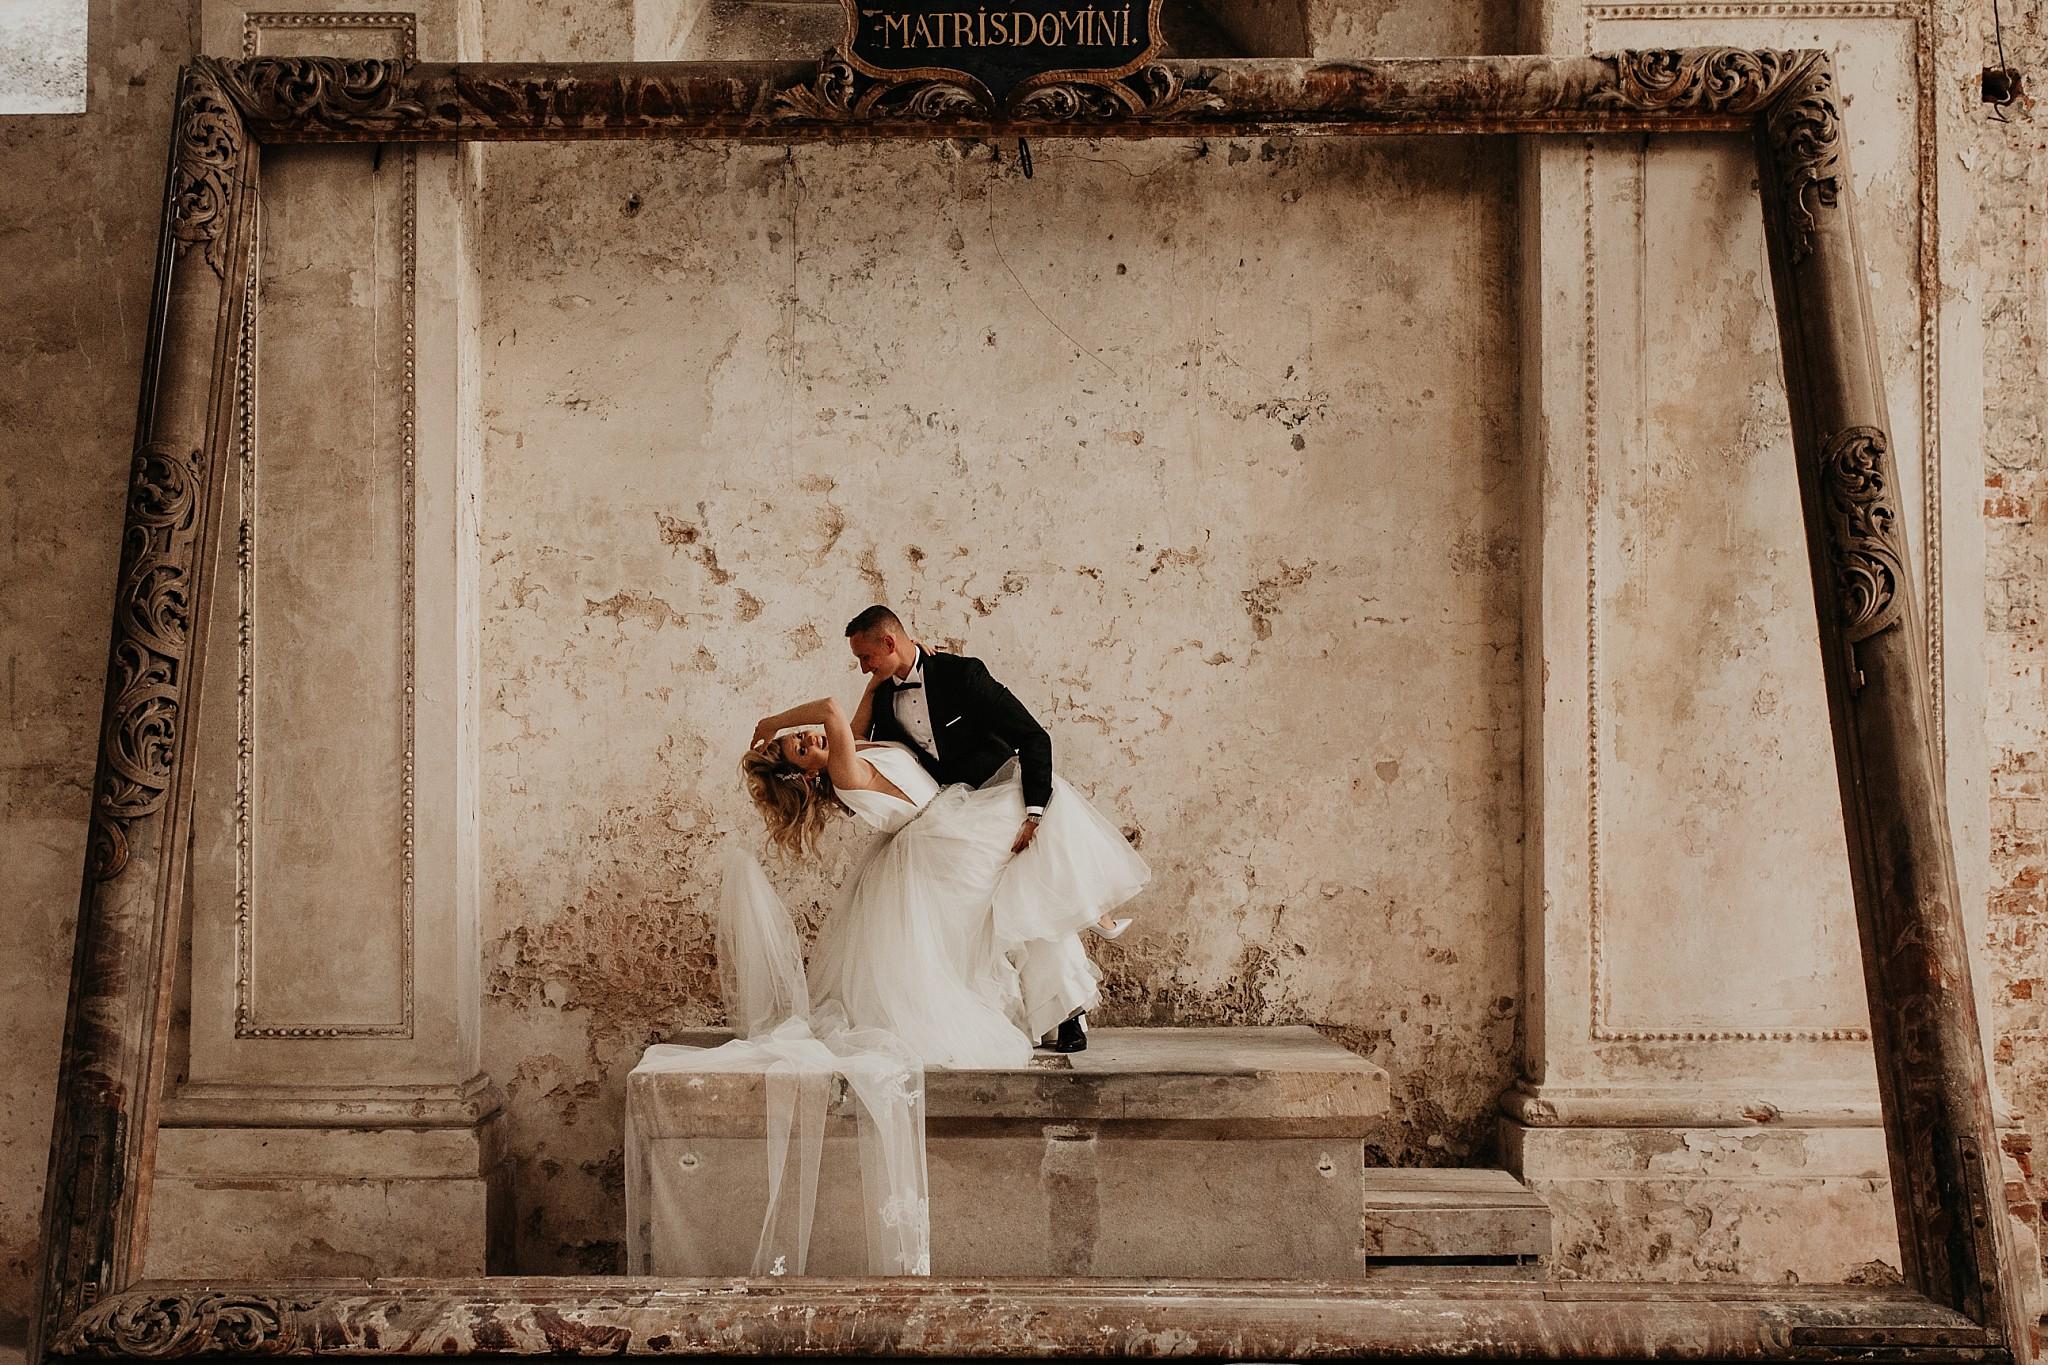 lubiaz opactwo cystersow sesja na zamku sesja zdjeciowa sesja slubna w palacu sesja palac fotograf z poznania fotografia slubna poznan 078